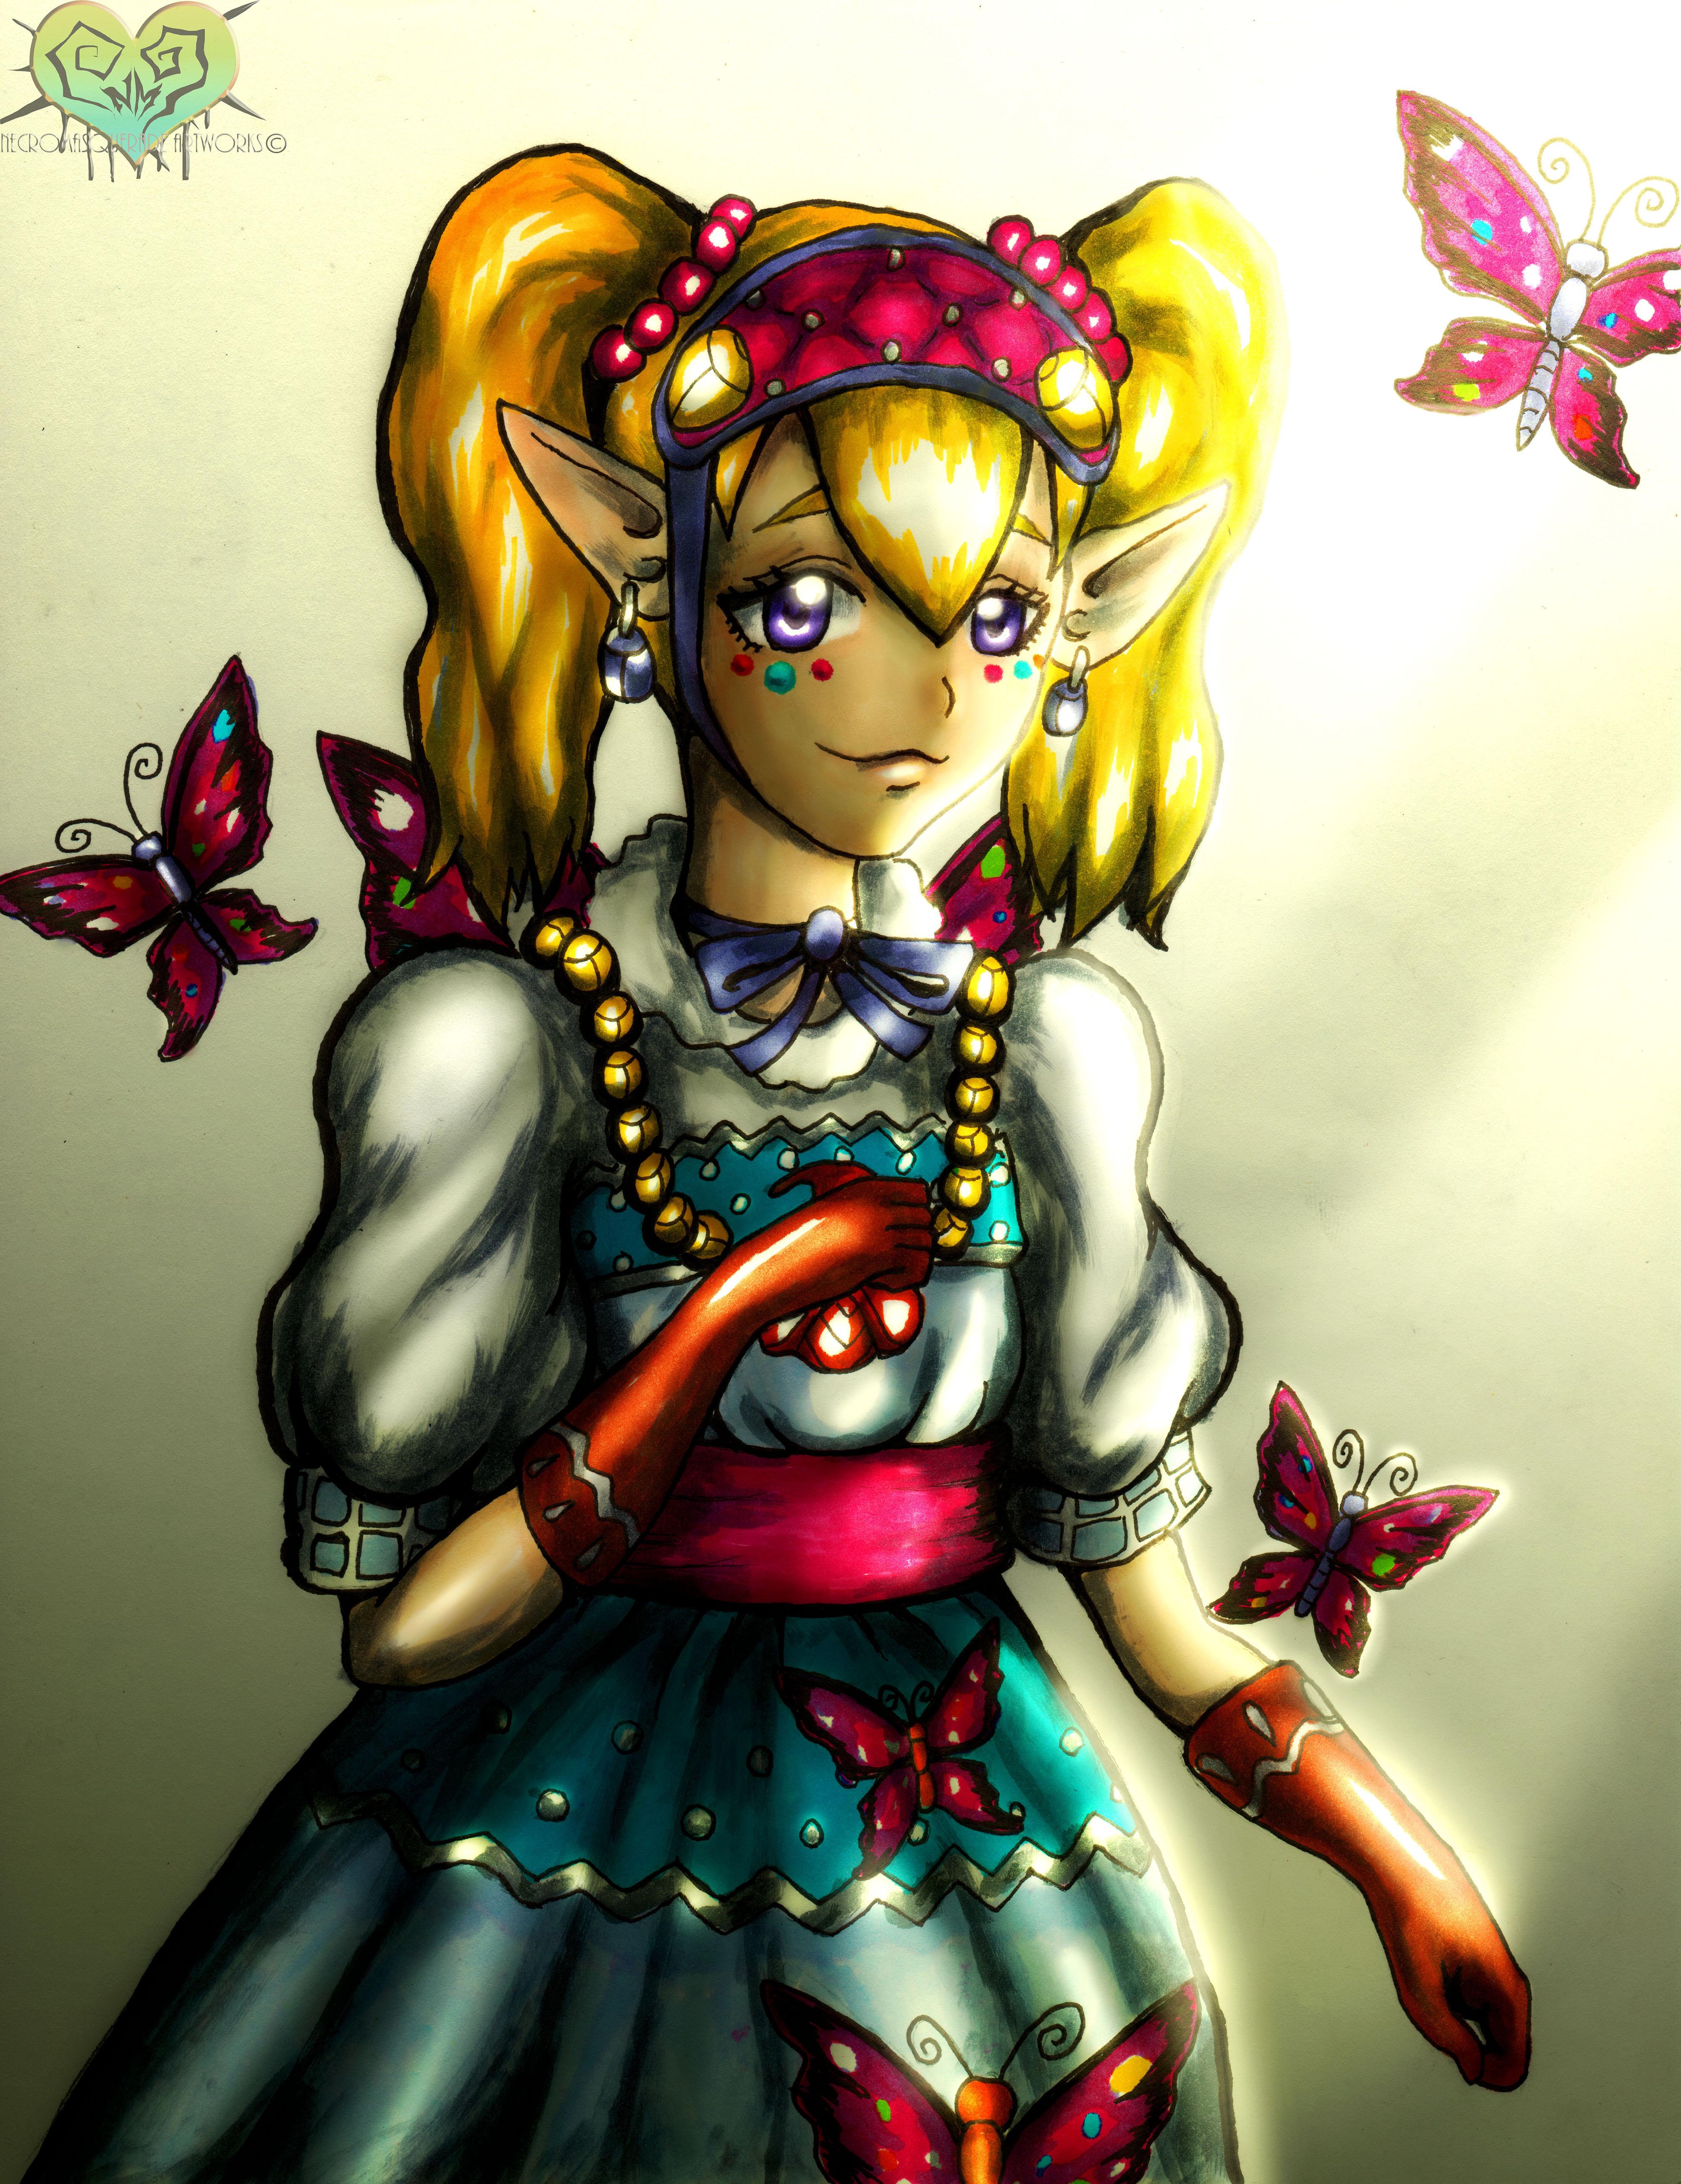 Princess Agitha